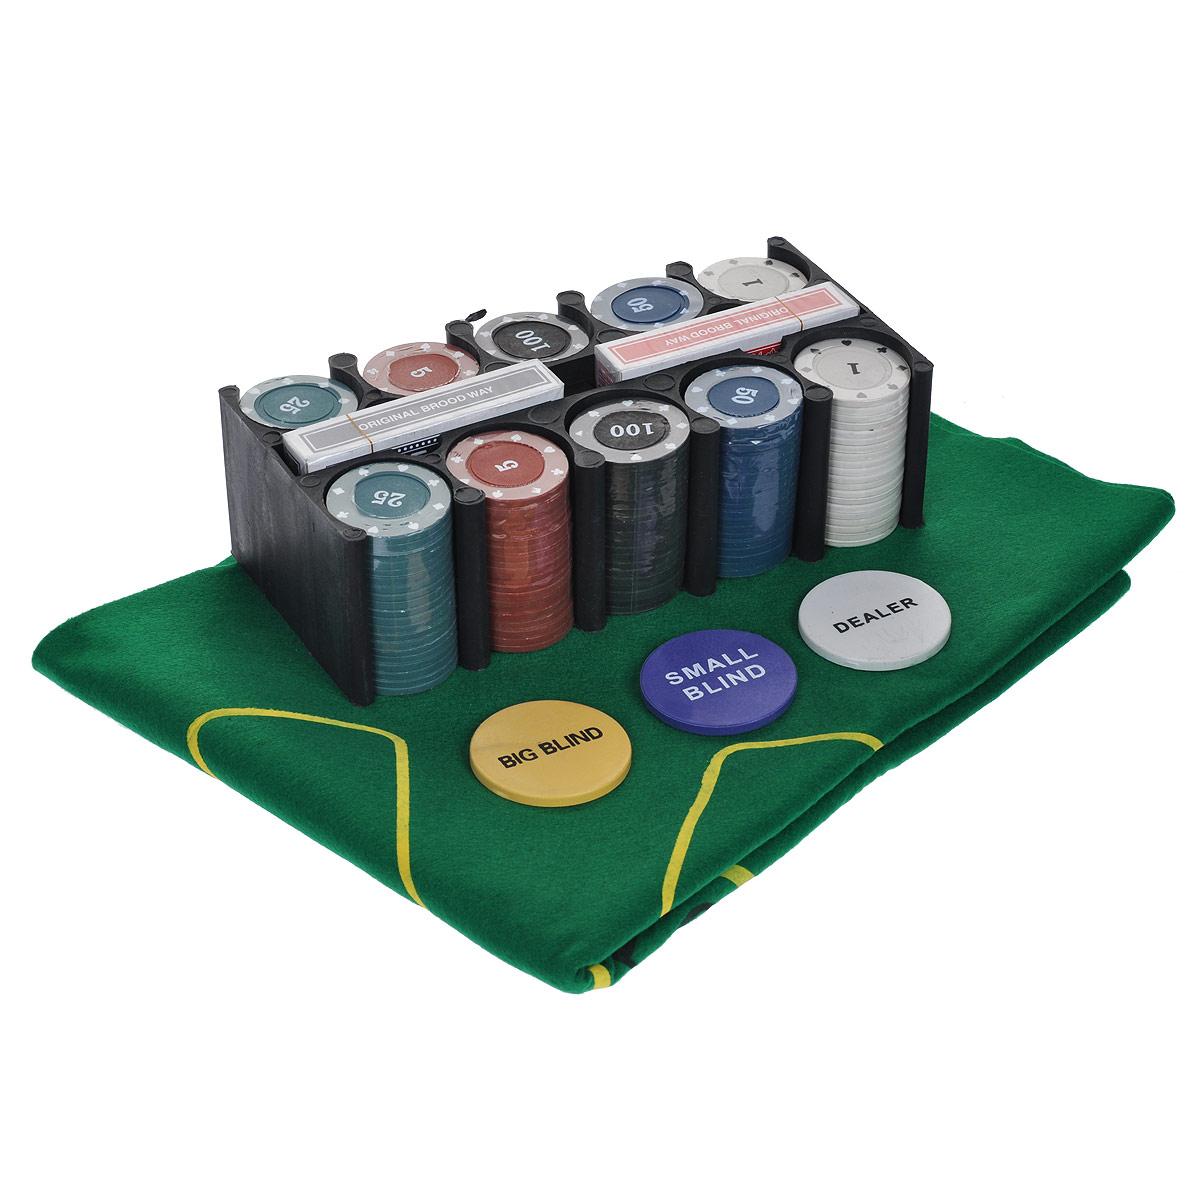 Набор для покера Casino Style Poker Set, размер: 10х18х13 см. ГД2кГД2кНабор для игры в покер - то, что нужно для отличного проведения досуга. Набор состоит из двух колод игральных карт, 200 игровых пластиковых фишек, фишки Dealer, фишки Big Blind, фишки Small Blind и сукна. Набор фишек состоит из 40 фишек белого цвета с номиналом 1, 40 фишек красного цвета c номиналом 5, 40 фишек зеленого цвета с номиналом 25, 40 фишек синего цвета с номиналом 50 и 40 фишек черного цвета с номиналом 100. Предметы набора хранятся в металлической коробке. Такой набор станет отличным подарком для любителей покера. Покер (англ. poker) - карточная игра, цель которой - выиграть ставки, собрав как можно более высокую покерную комбинацию, используя 5 карт, или вынудив всех соперников прекратить участвовать в игре. Игра идет с полностью или частично закрытыми картами. Покер как карточная игра существует более 500 лет. Зародился он в Европе: в Испании, Франции, Италии. С течением времени правила покера менялись. Первые письменные...